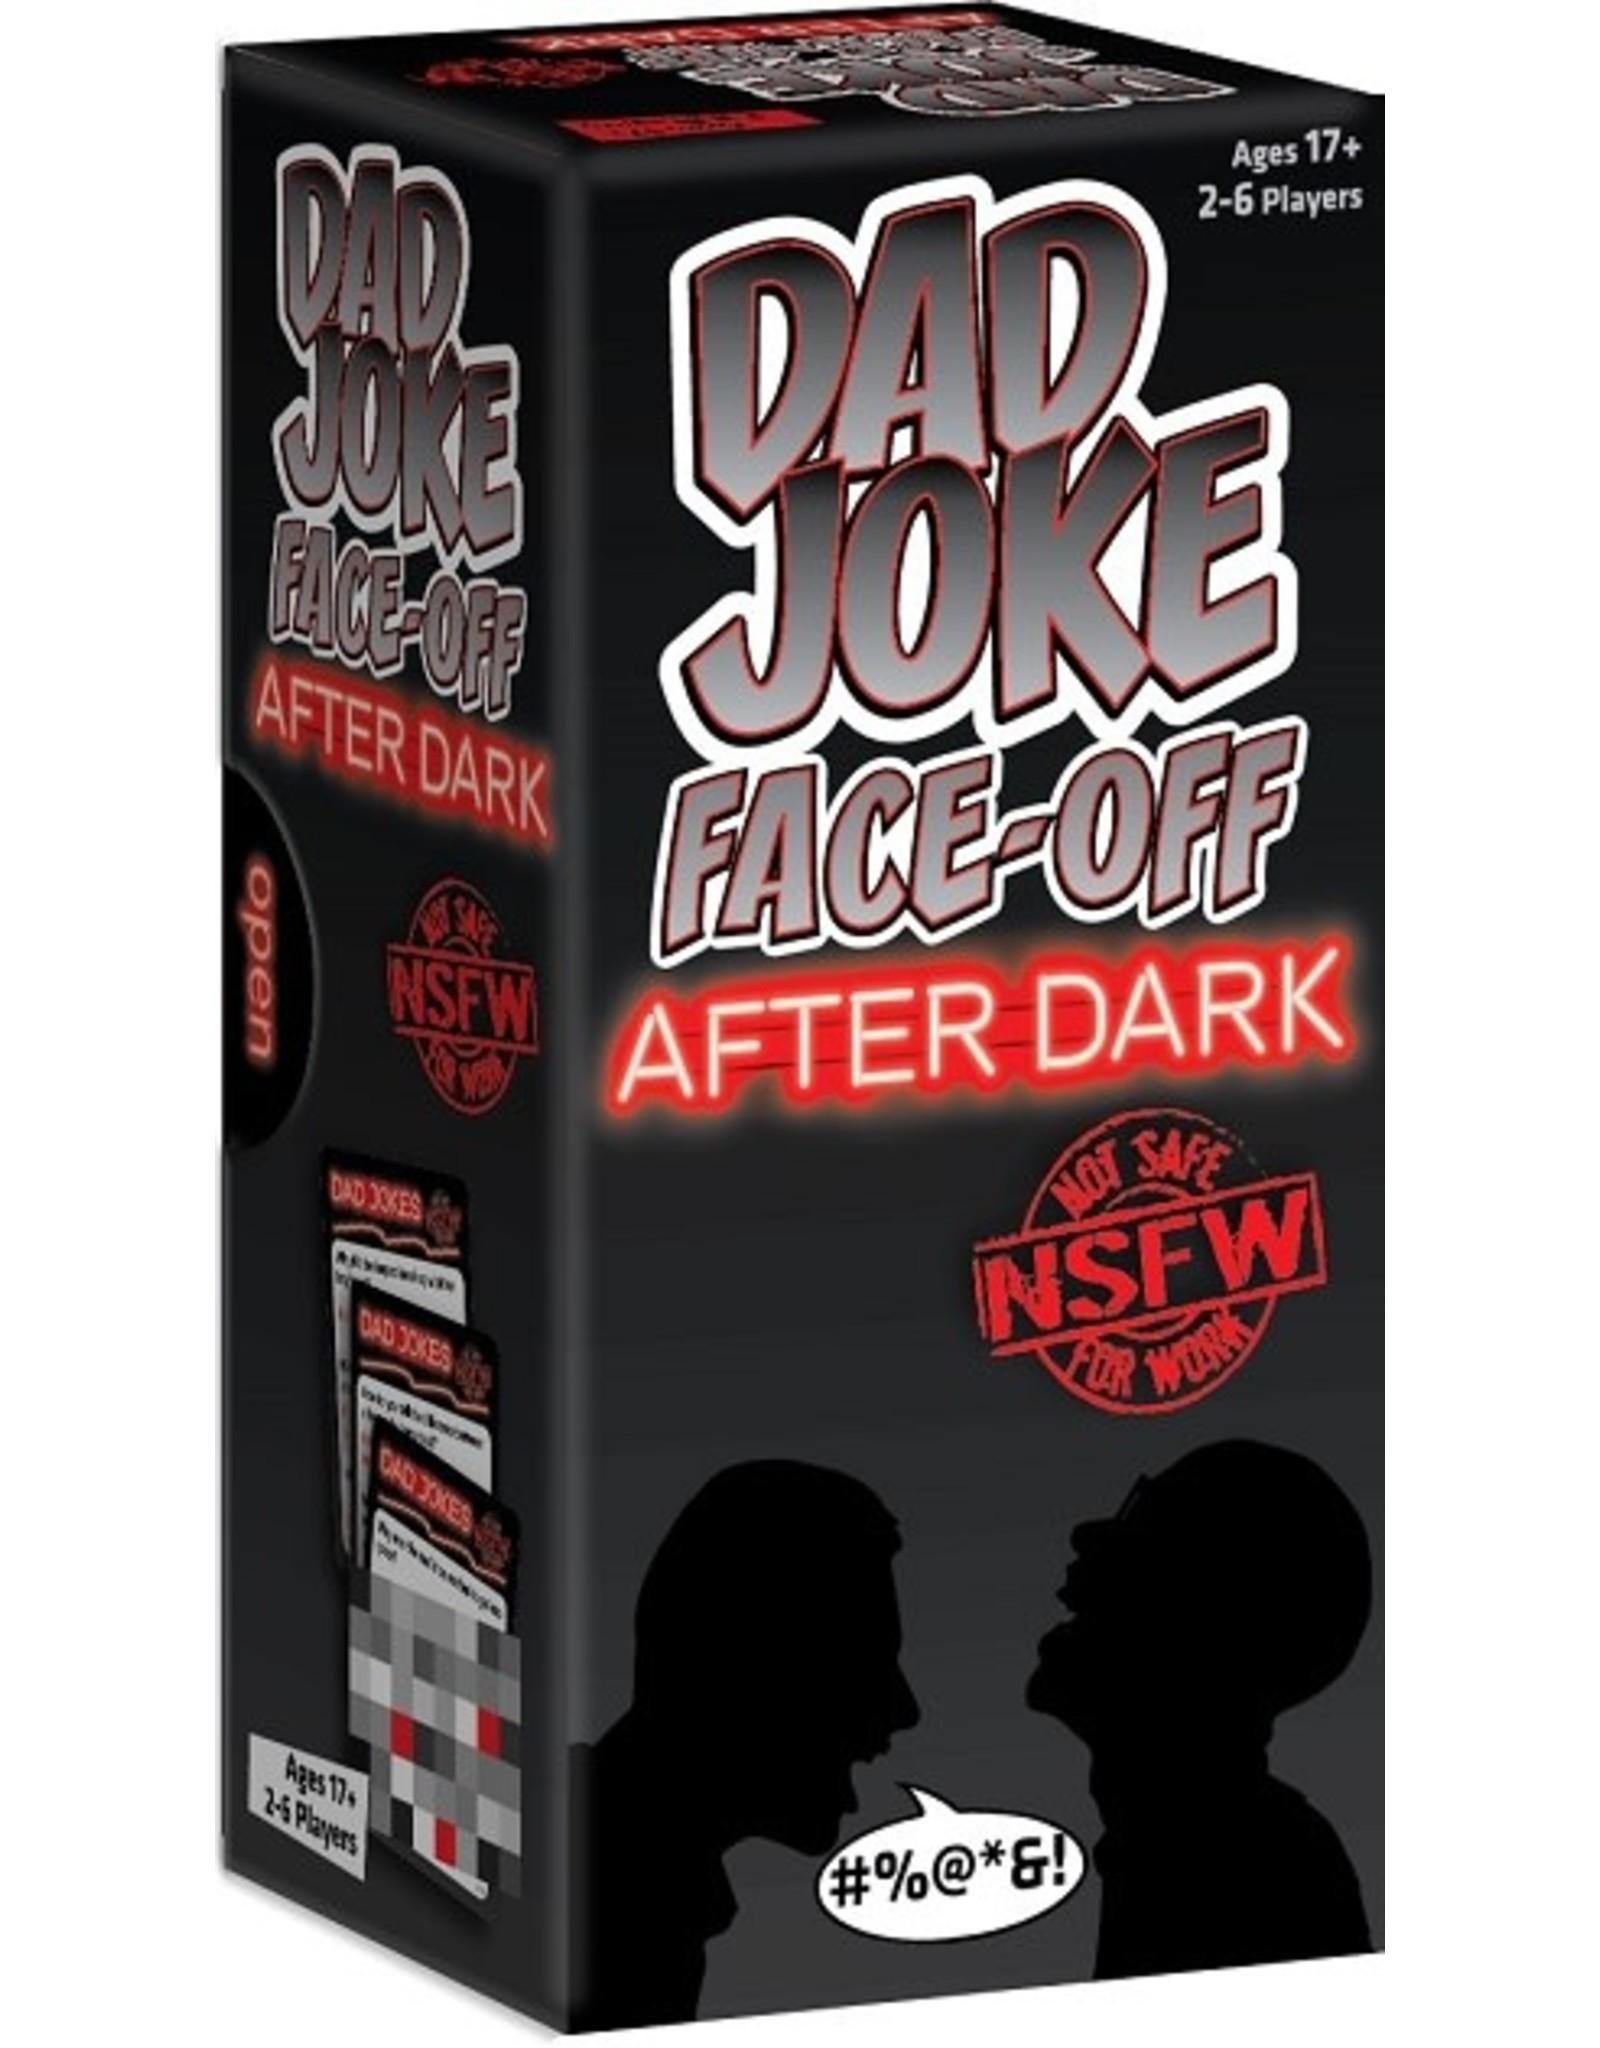 JJACKD Games DAD JOKE Face-Off After Dark